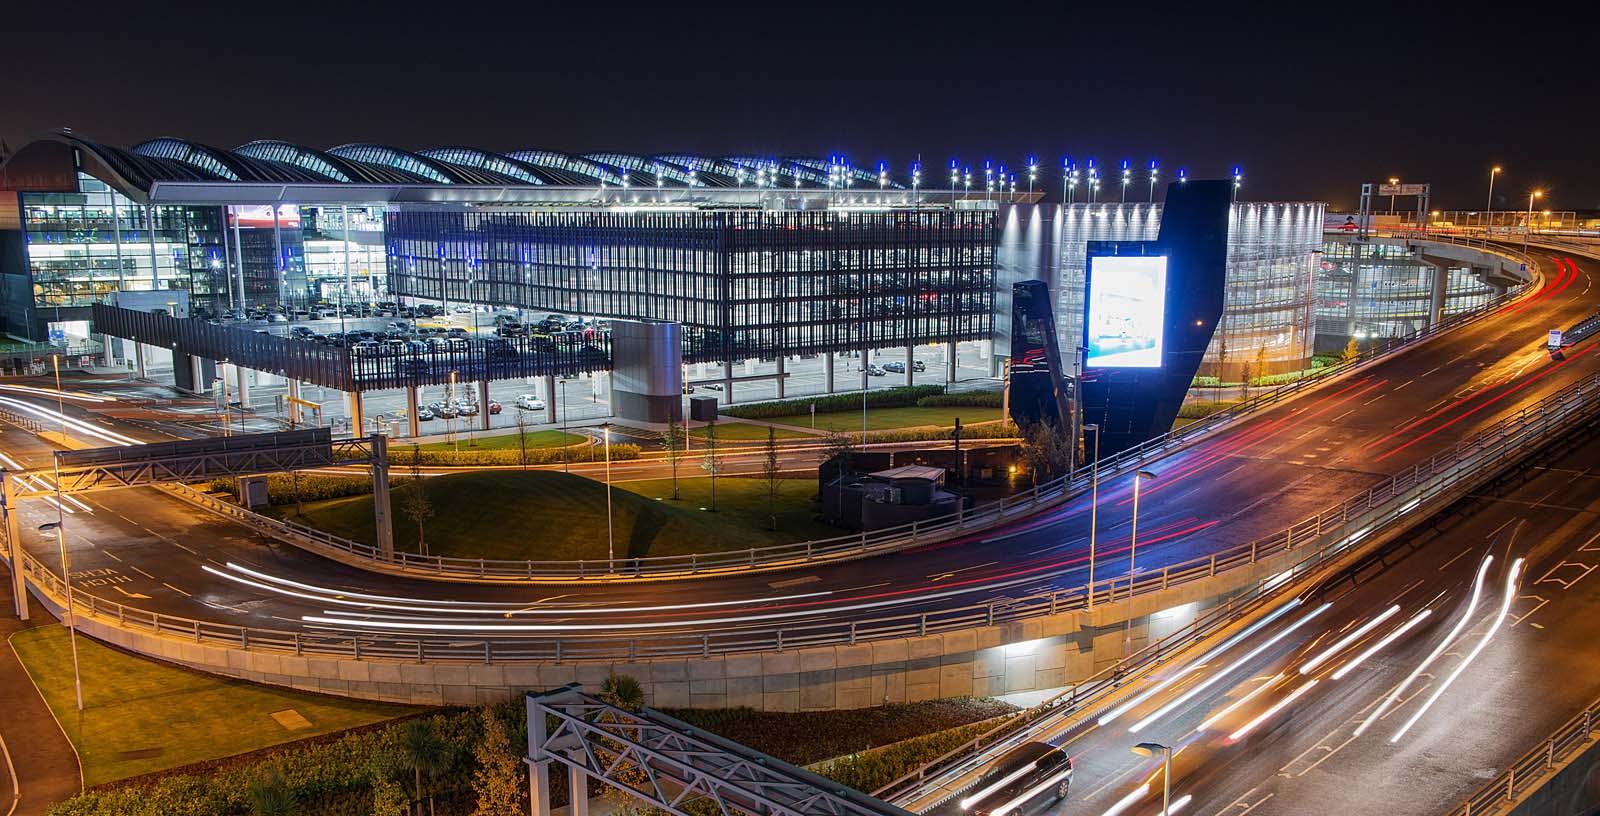 Car_park_Heathrow_02_architecture_IDOM_photos_LHR_Airports_Limited_see_photolibrary.heathrow.com